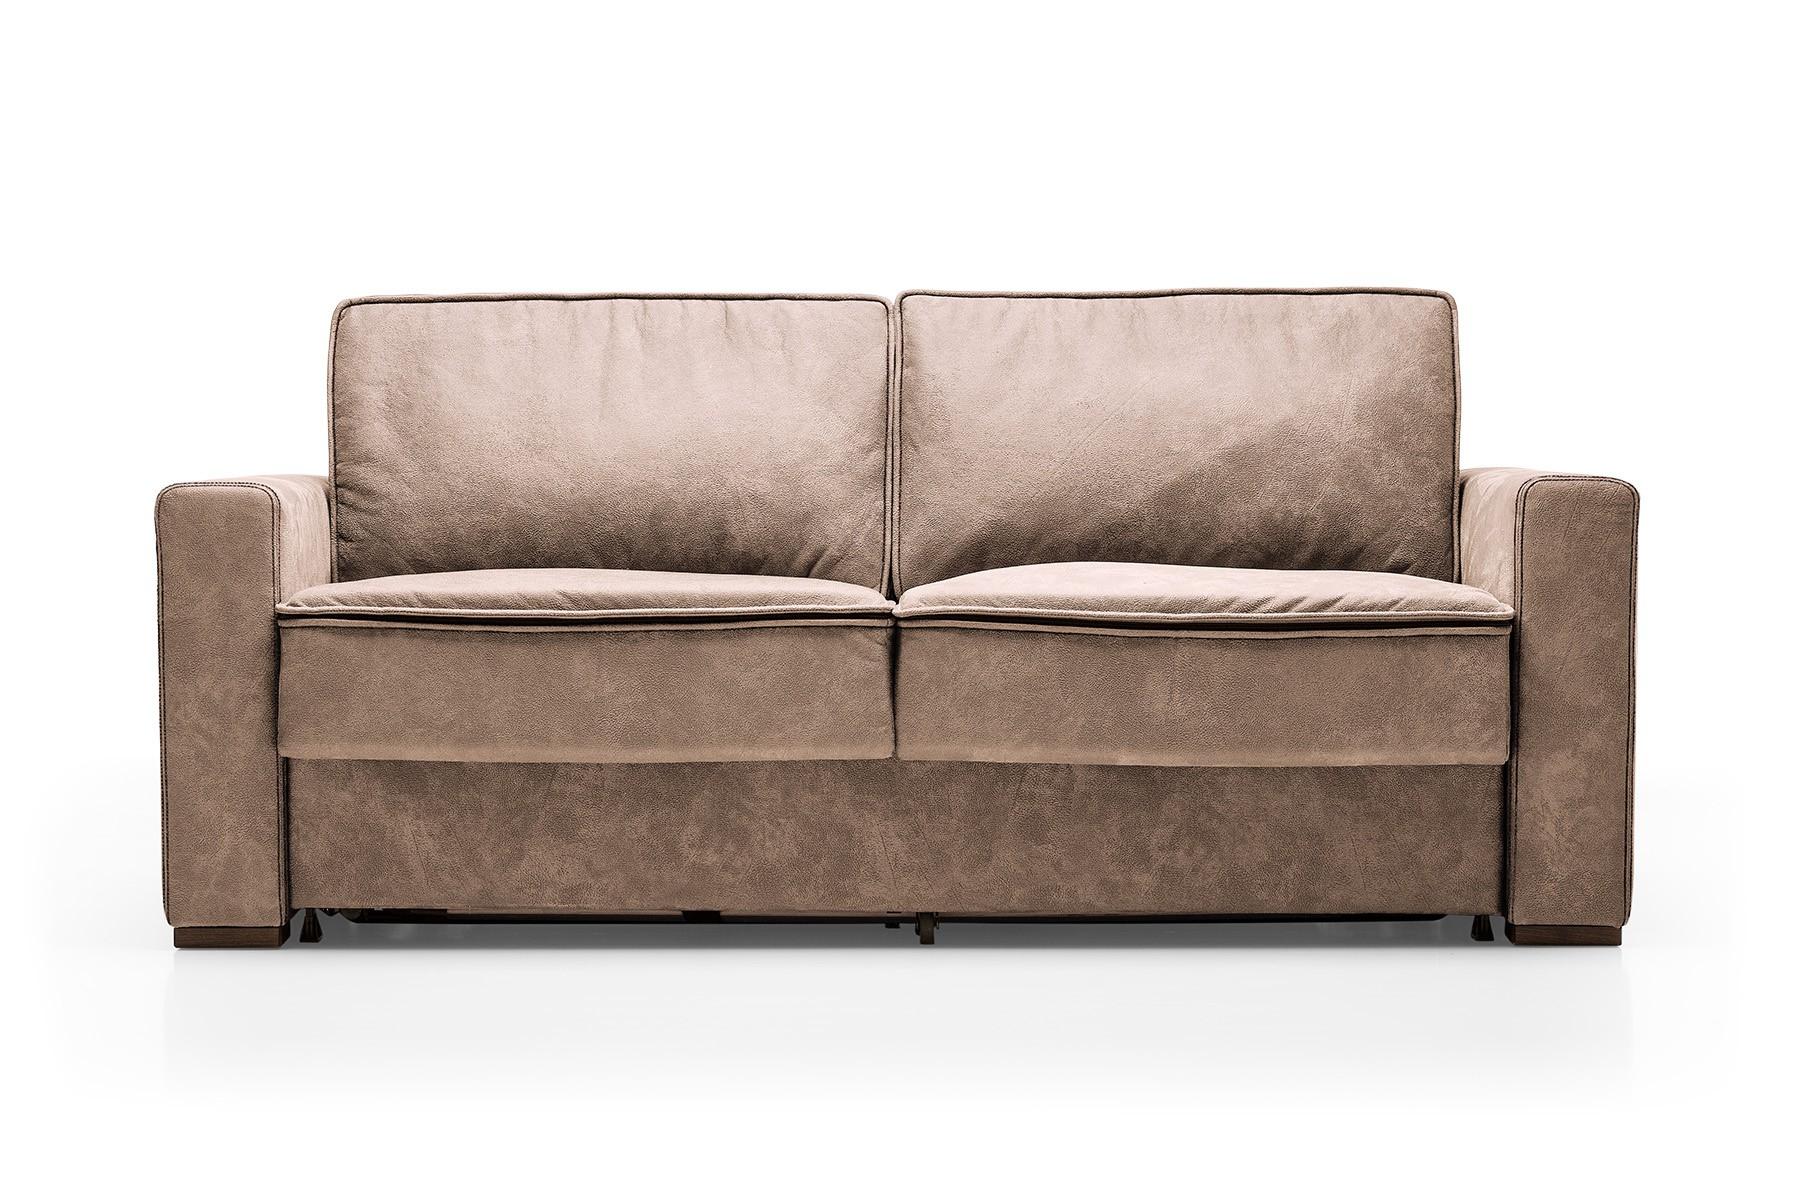 Full Size of Ecksofa Garten Chesterfield Sofa Gebraucht Samt Bezug Rotes Graues Xora Riess Ambiente Big Poco Grau Reiniger Englisch Spannbezug Günstiges Bett Englisches Sofa Günstiges Sofa